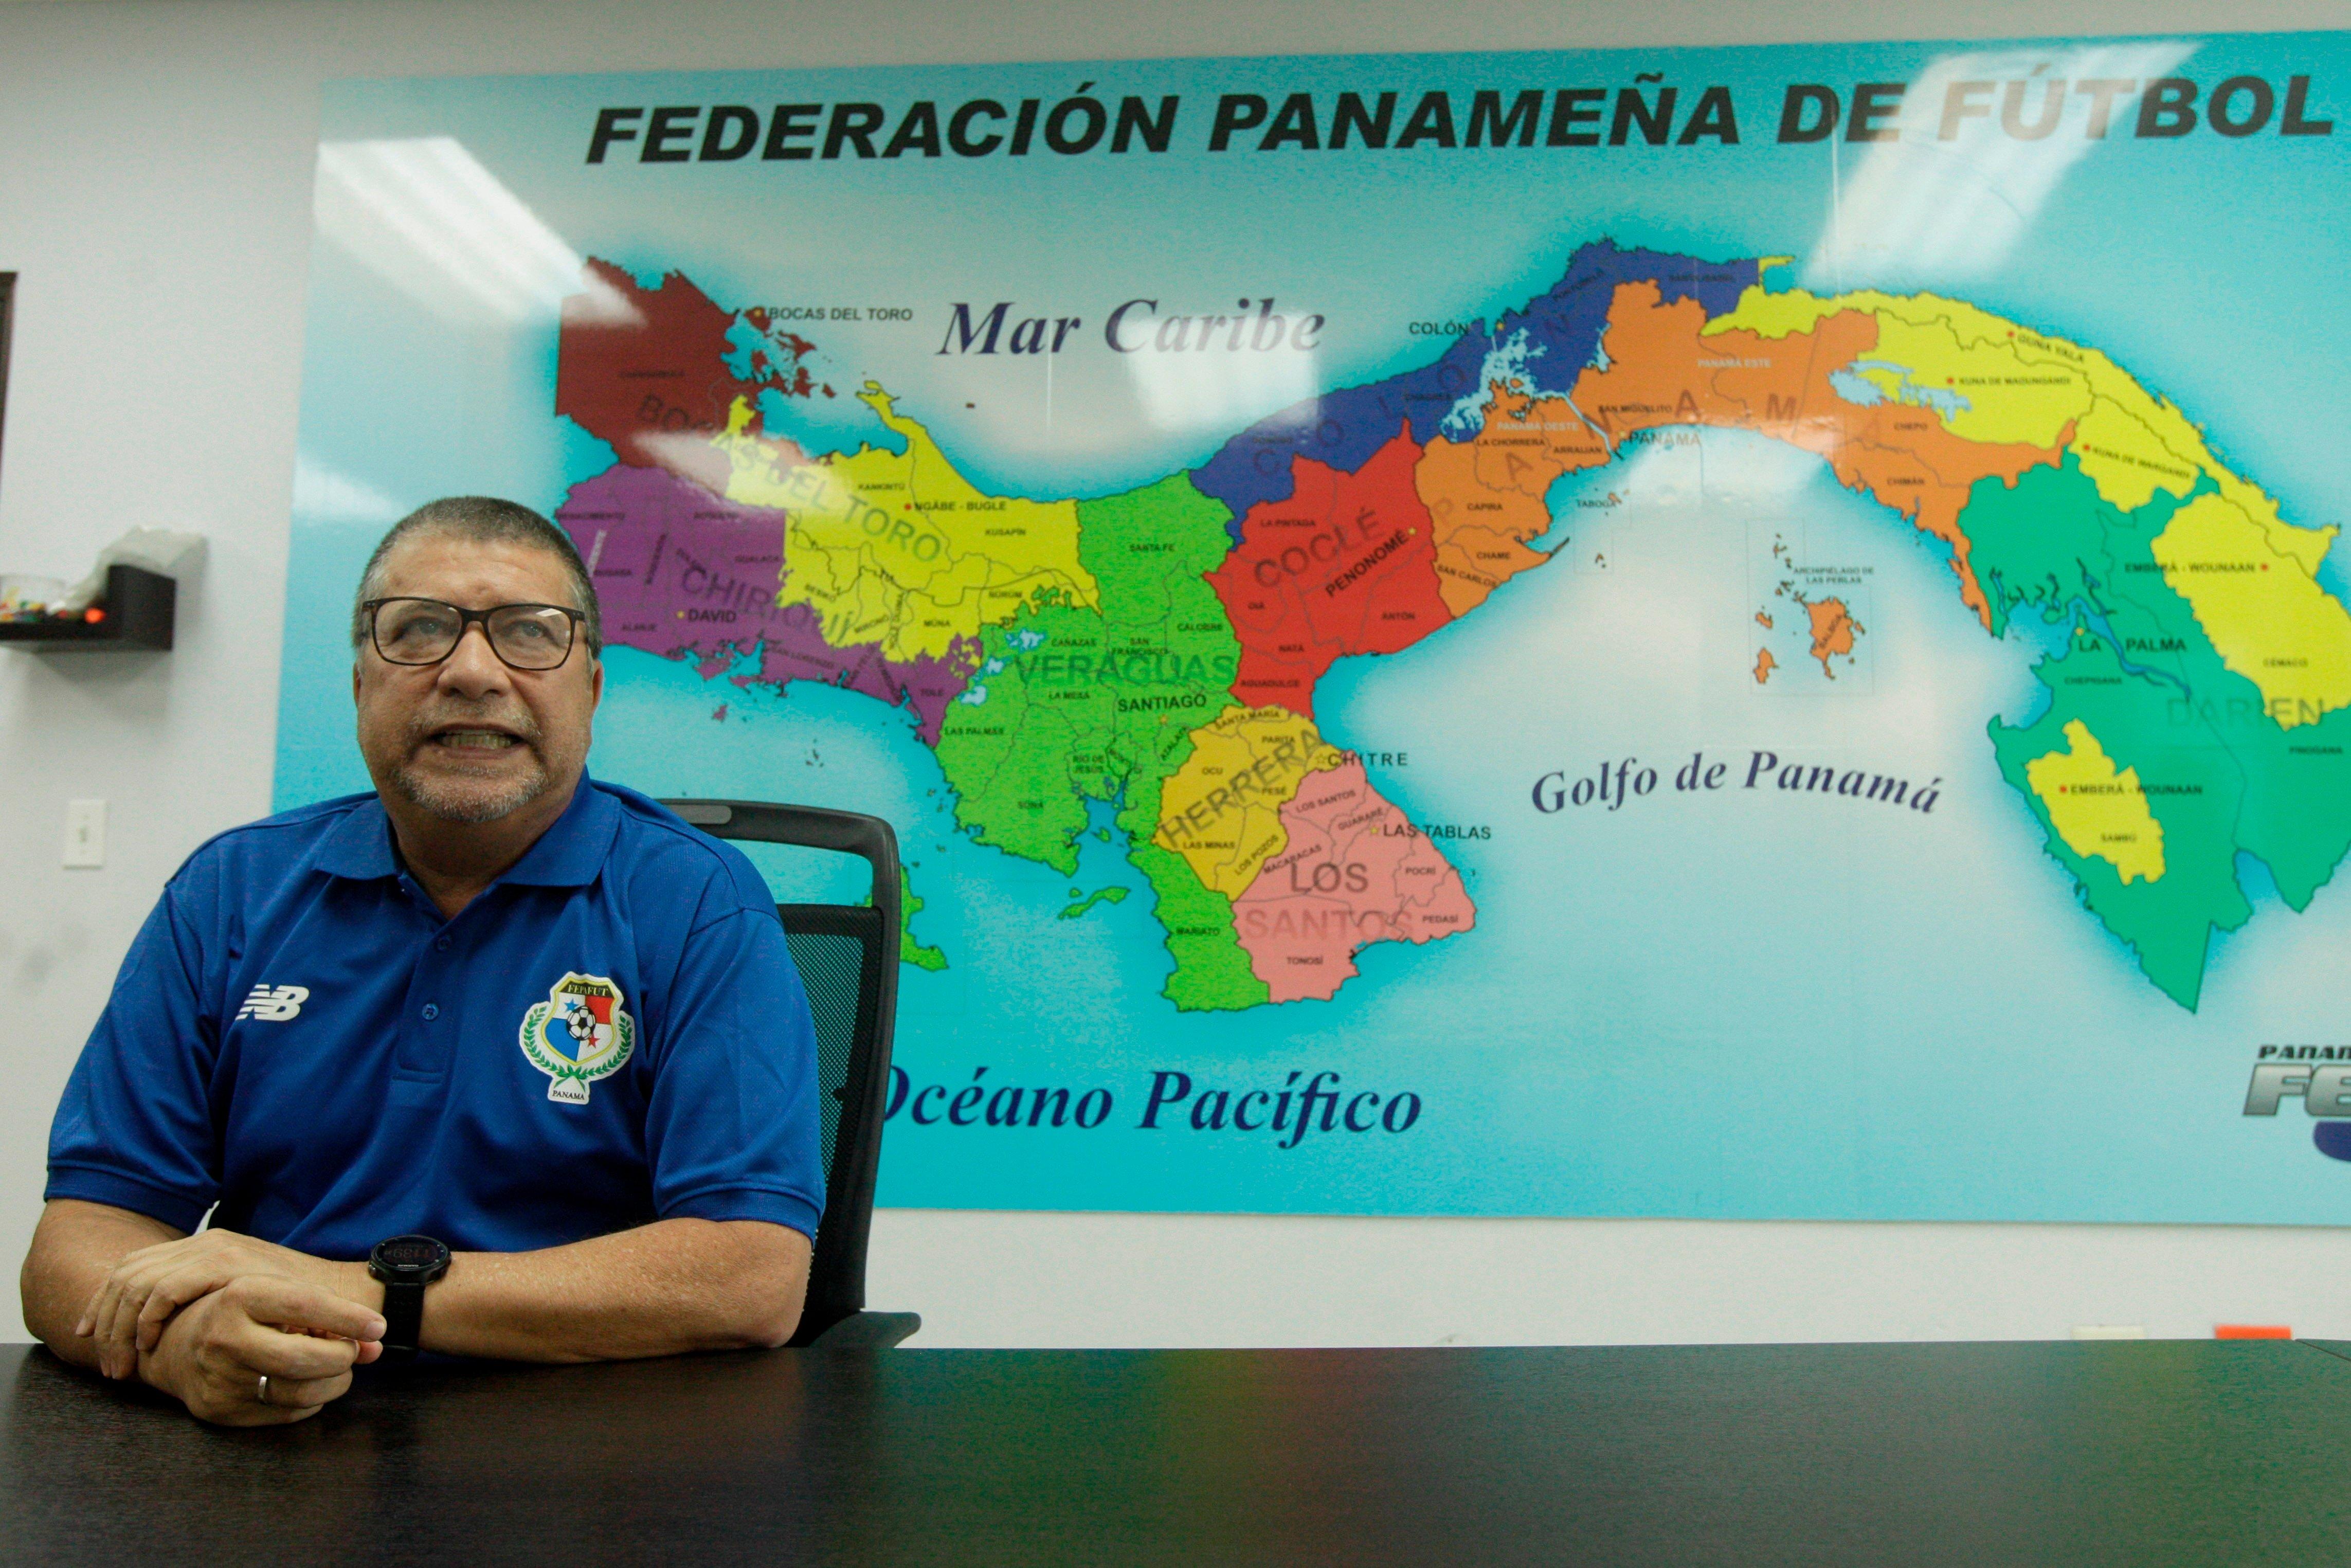 """El entrenador colombiano Hernán Darío """"Bolillo"""" Gómez cambió a Panamá"""